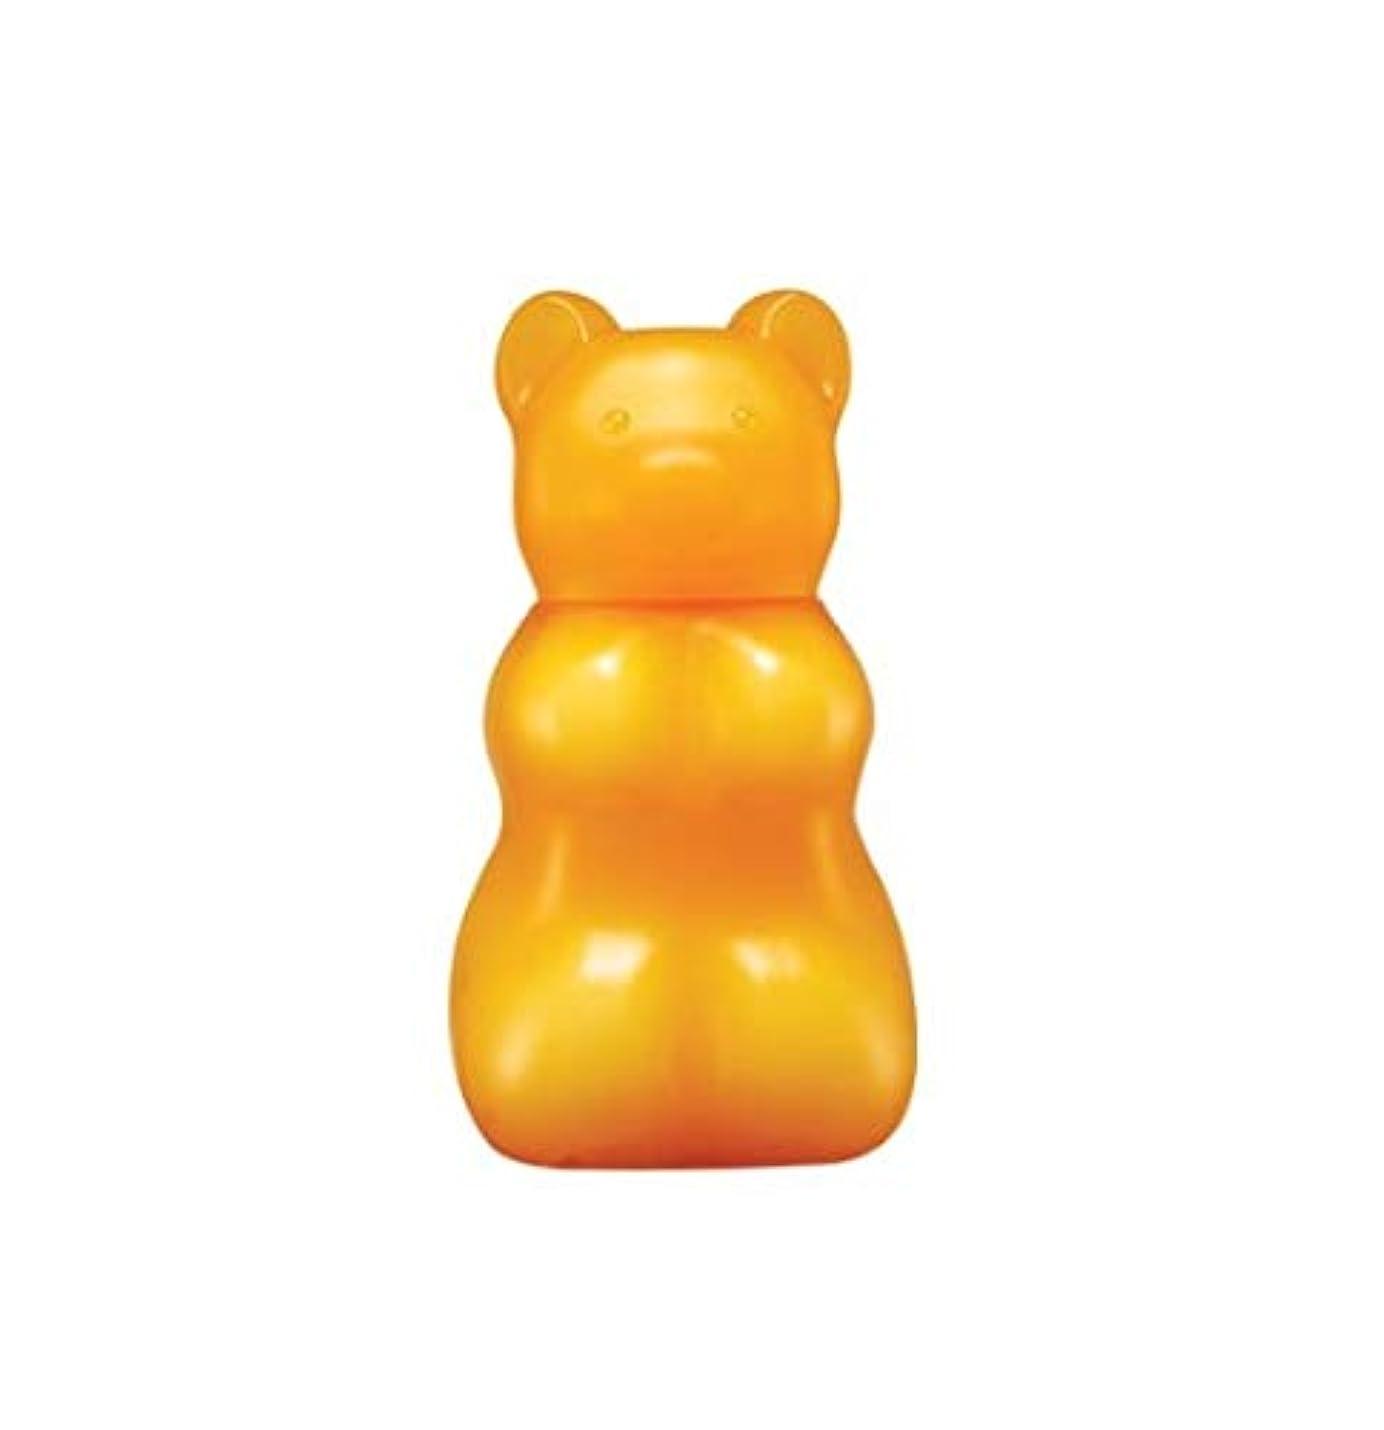 電化するコントラスト危険なSkinfood グミベアゼリークリーンジェル(アップル)#オレンジ(ハンドクリーム) / Gummy Bear Jelly Clean Gel (Apple) #Orange (Hand Cream) 45ml [並行輸入品]